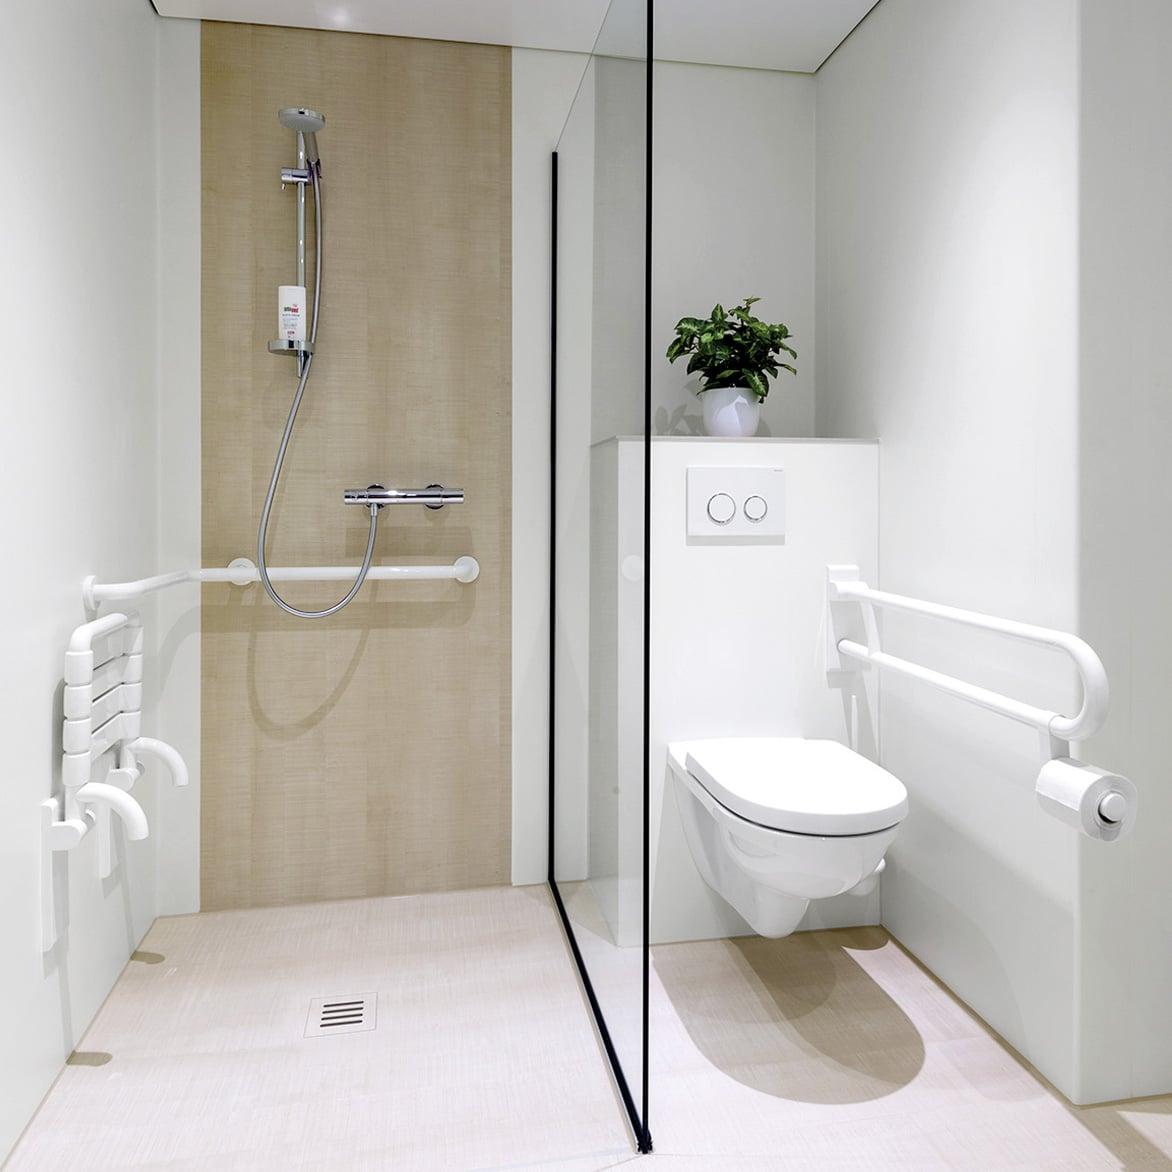 Walk in Dusche mit WC und Wandverkleidung